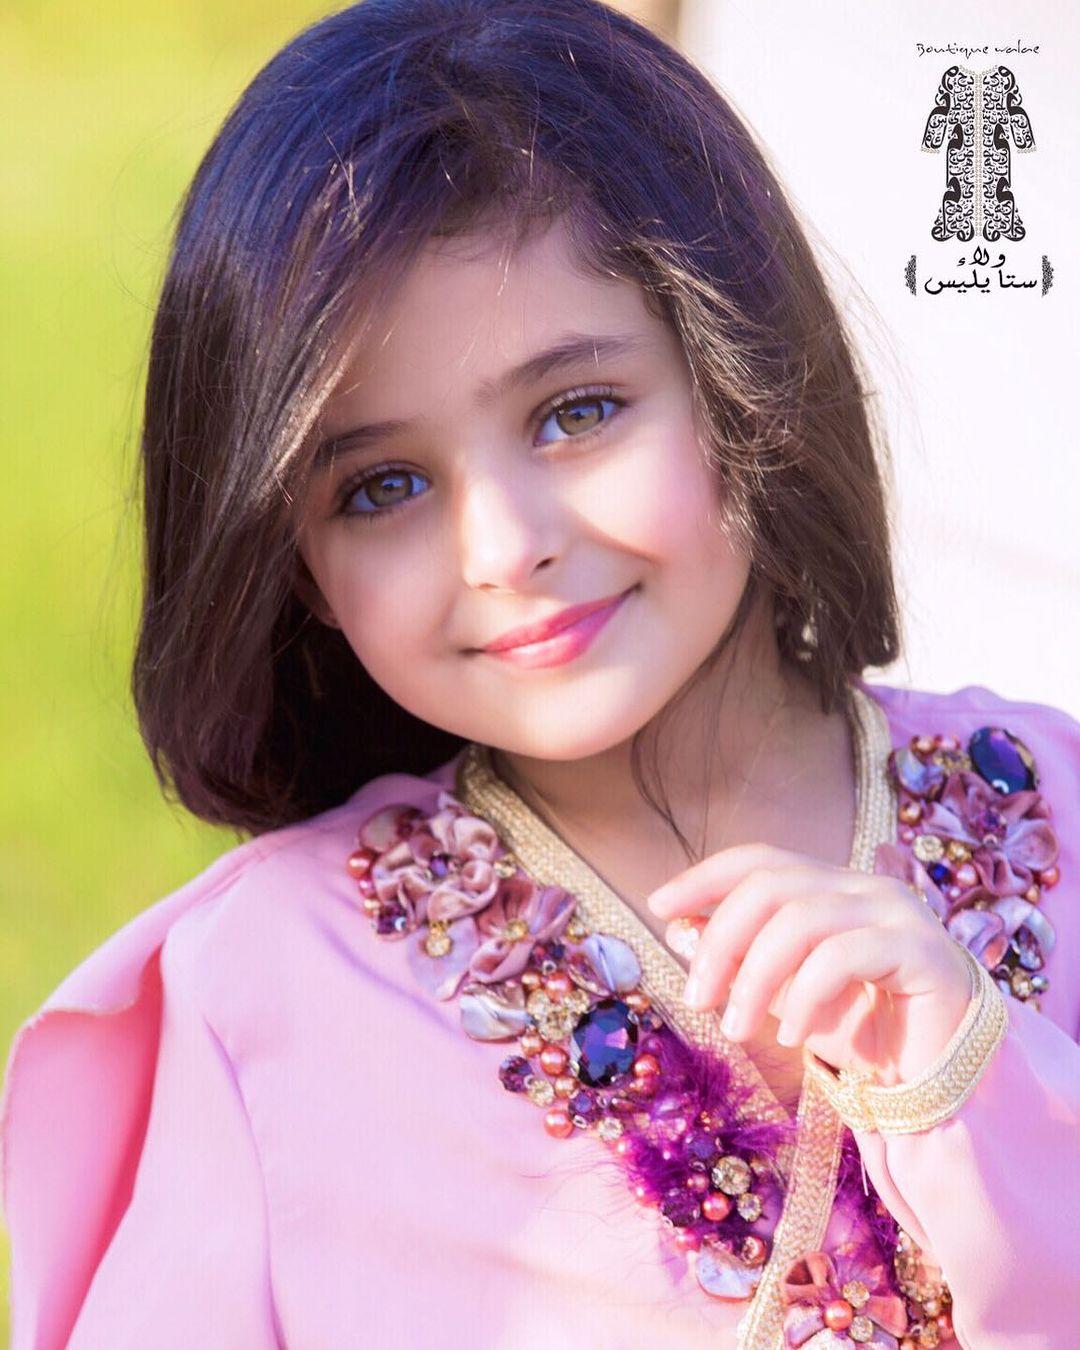 Zainah Alsaffar زينه الصفار Beautiful Little Girls Cute Dolls Cute Kids